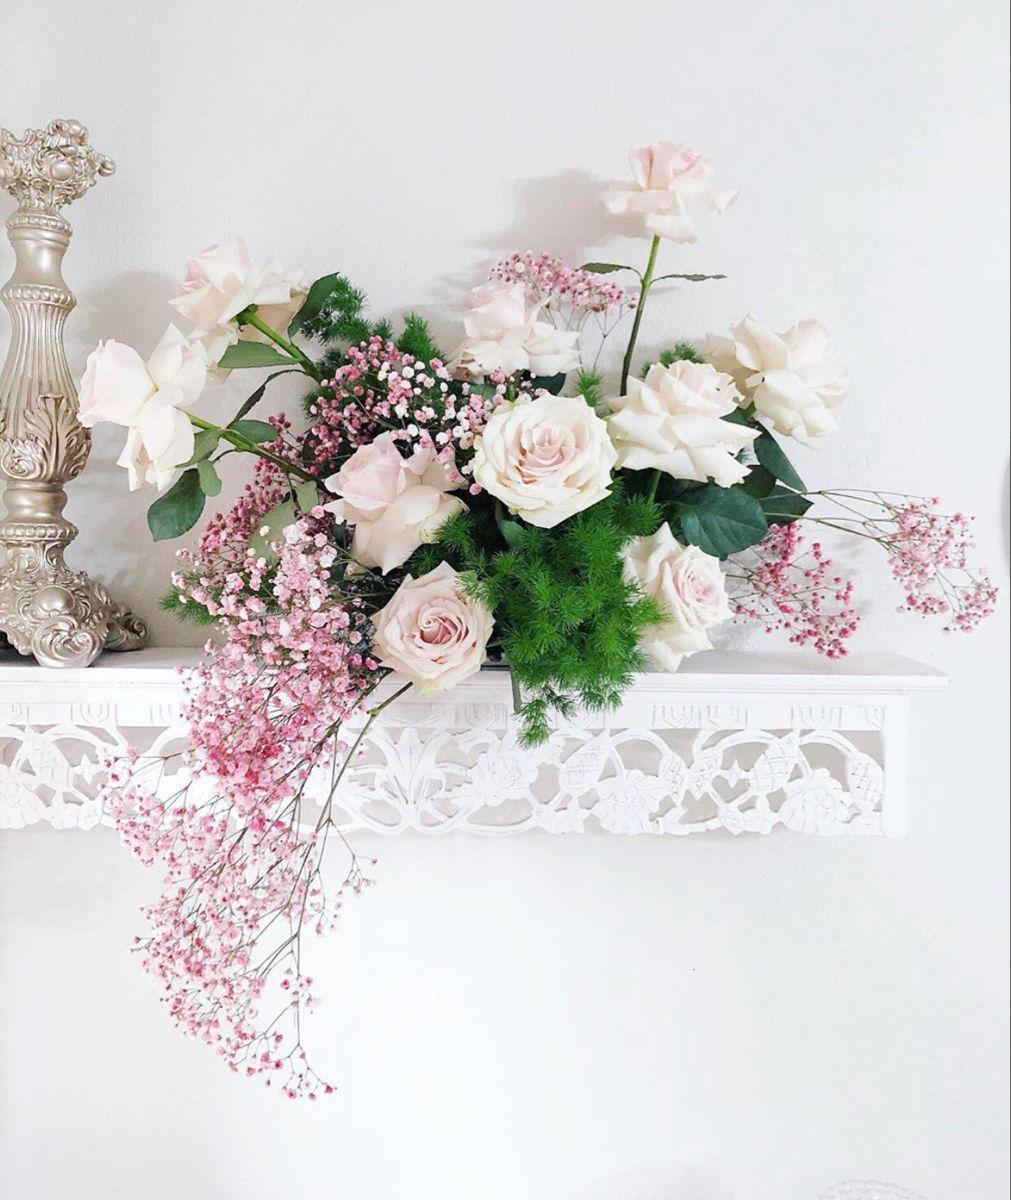 Buy Pink Filler Babys Breath Flower In 2020 Babys Breath Online Wedding Flowers Babys Breath Flowers